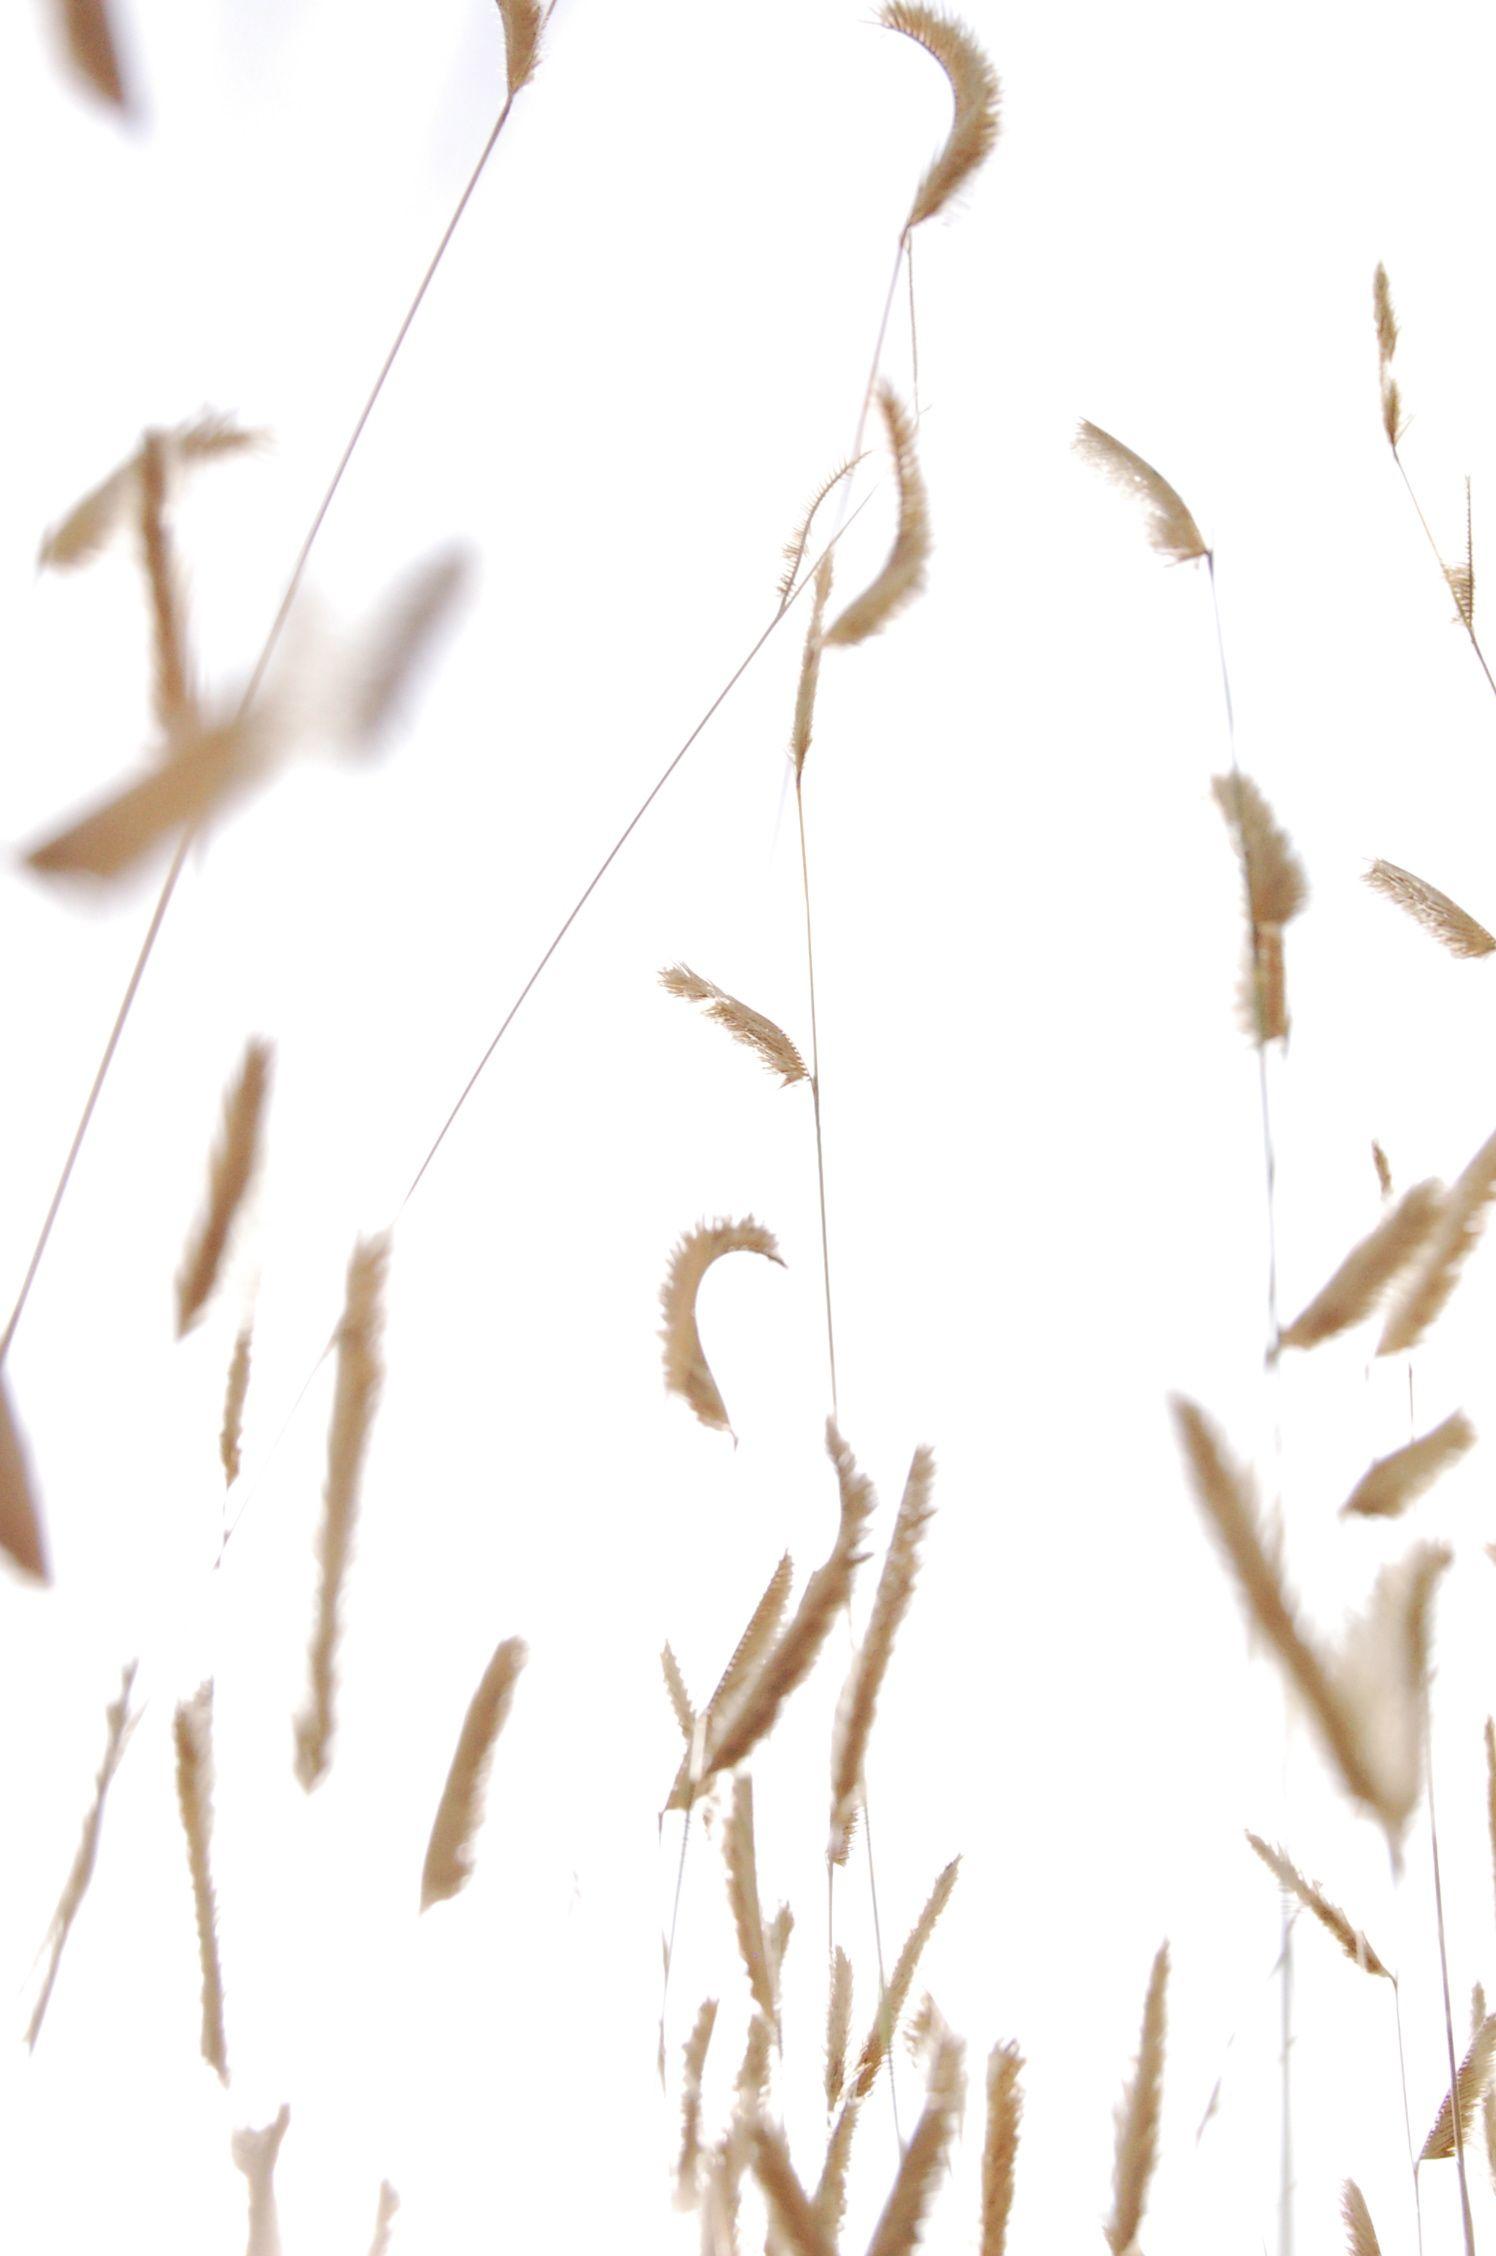 O'er amber fields of grain